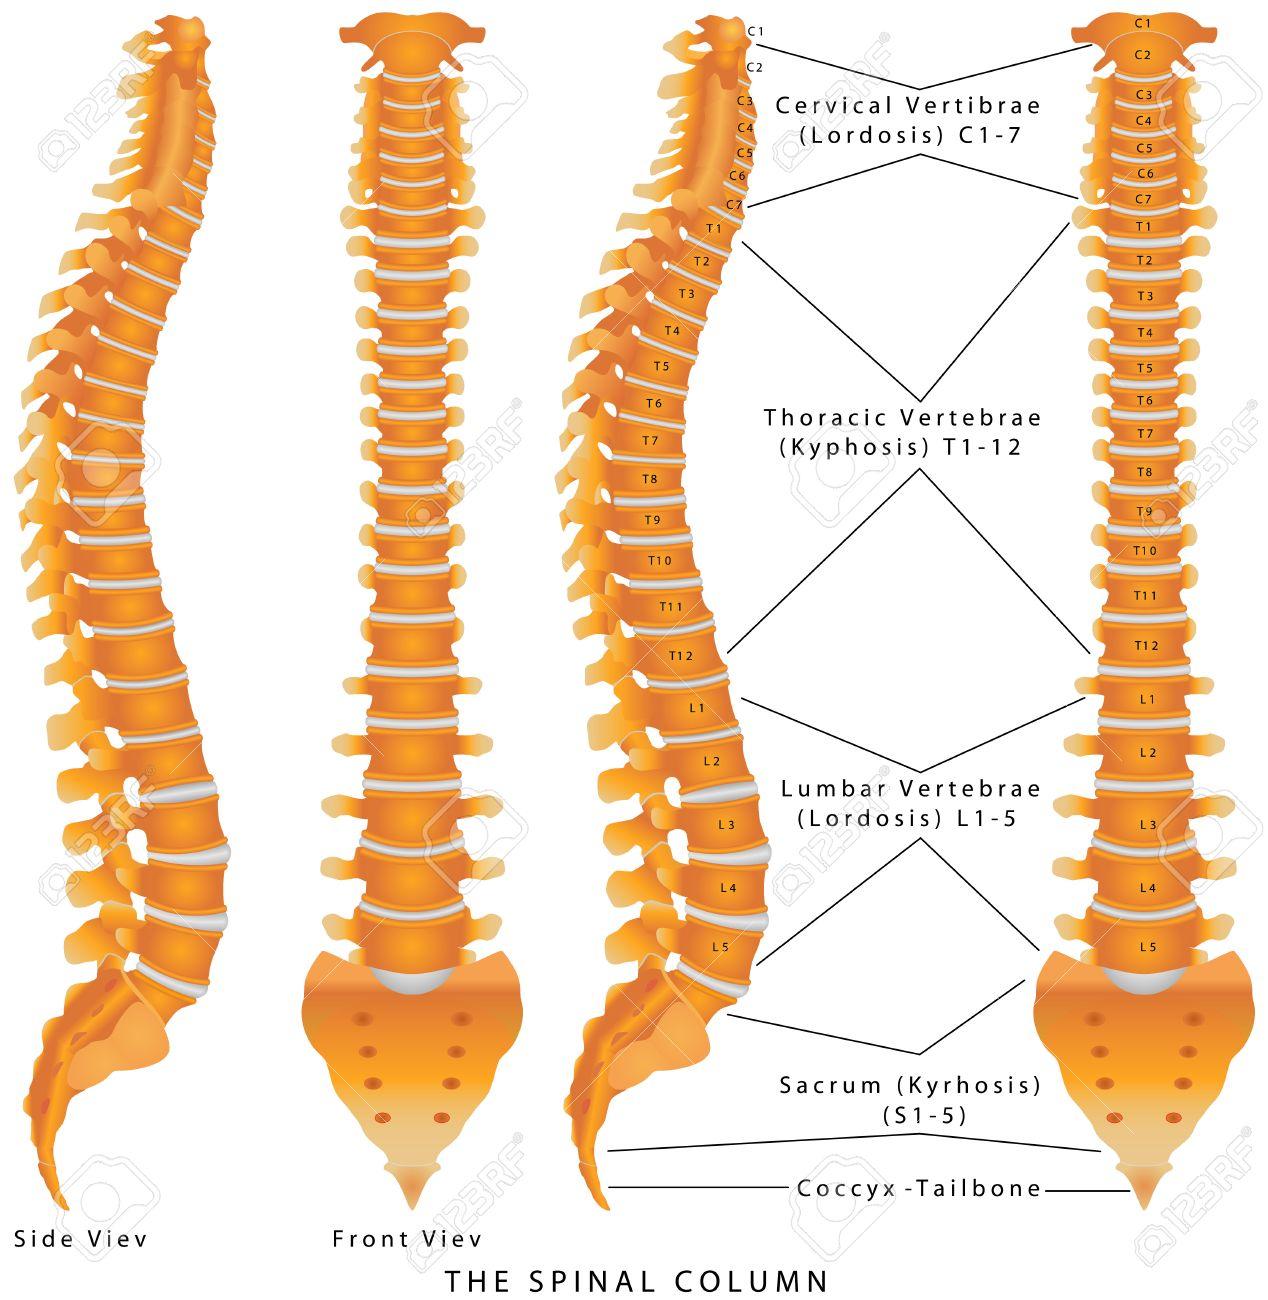 Die Wirbelsäule. Die Wirbelsäule Diagramm. Menschlichen Wirbelsäule ...